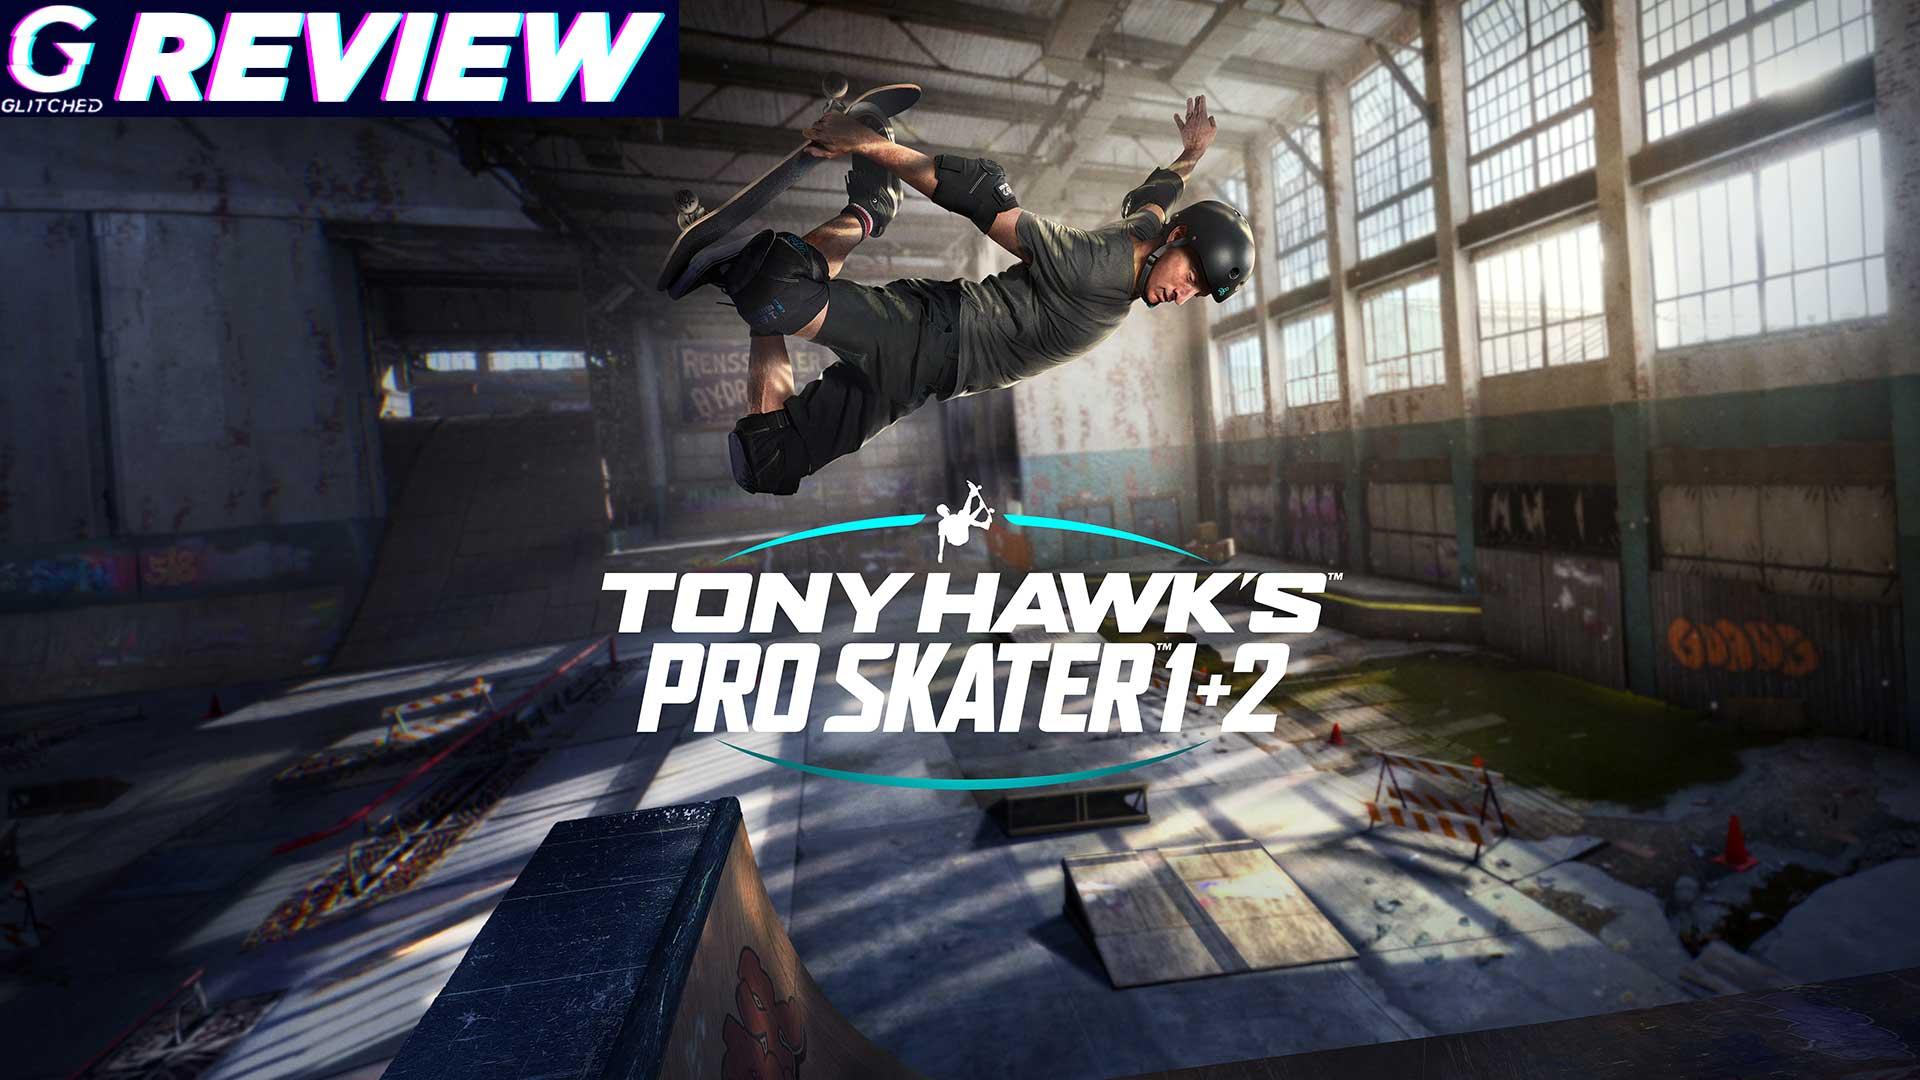 Tony Hawks Pro Skater 1 + 2 Review